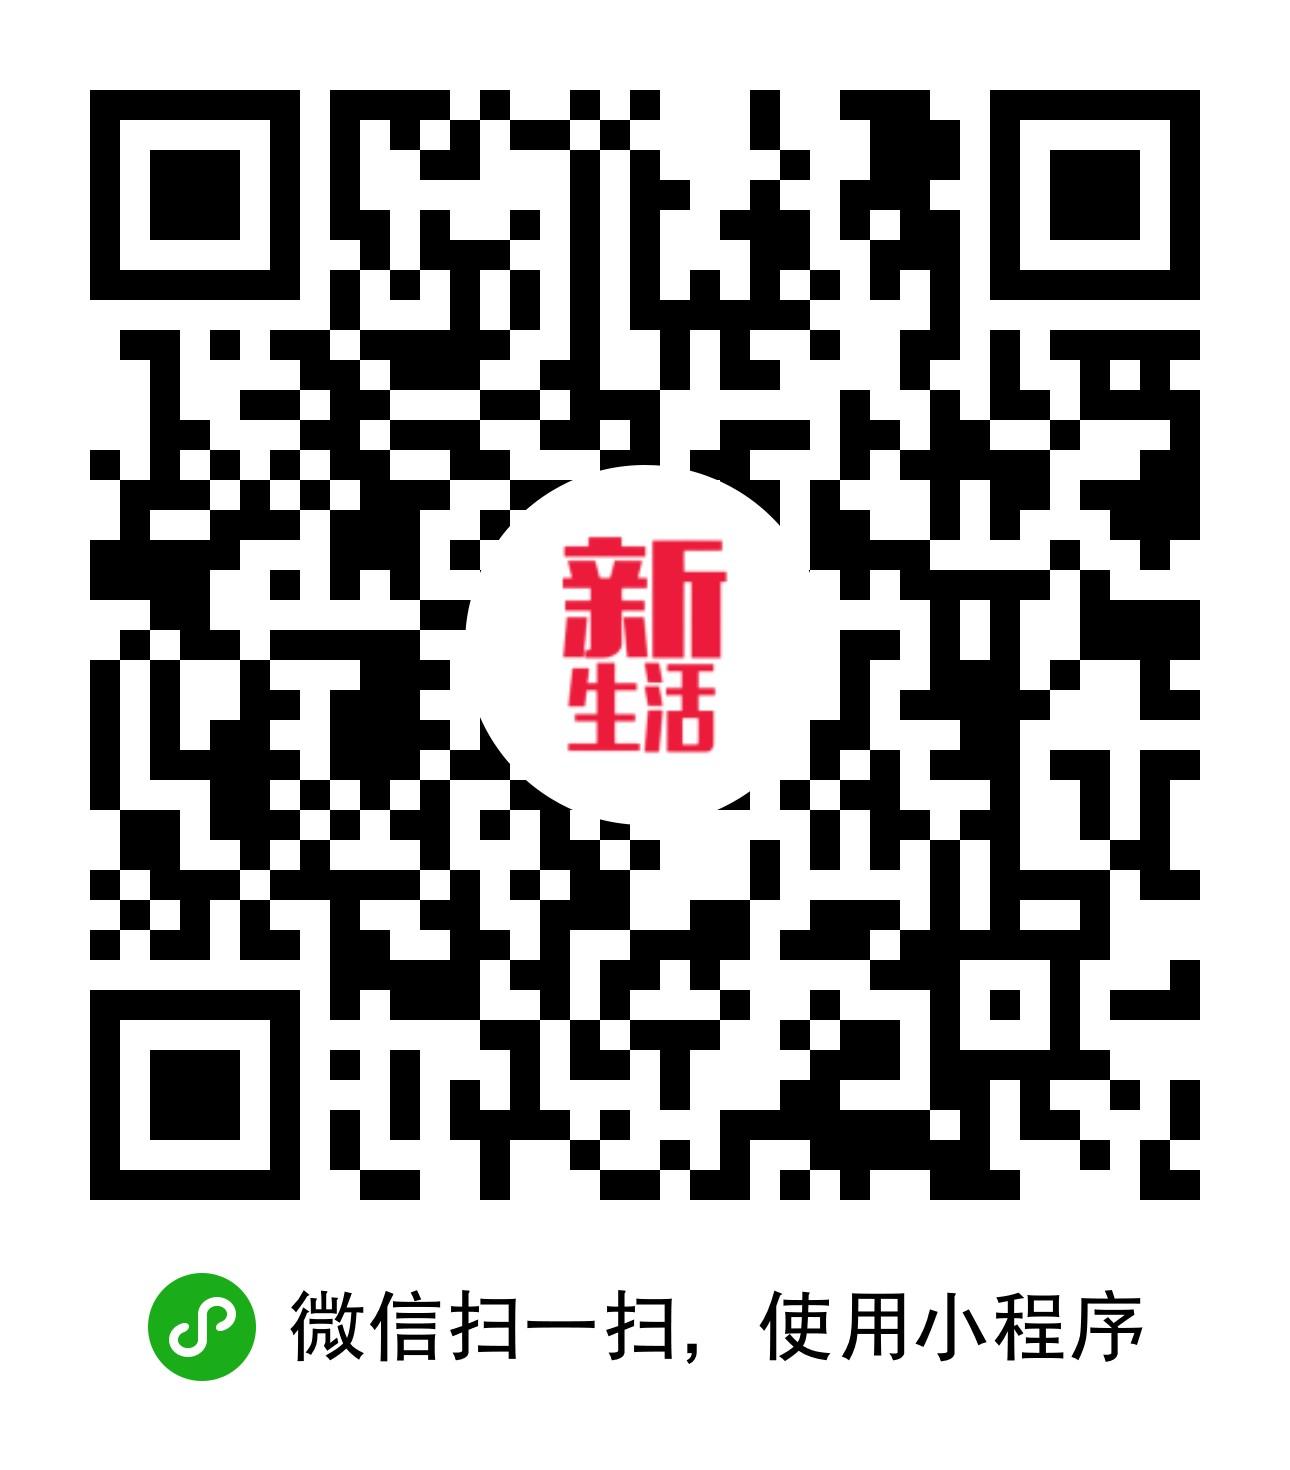 新加坡新生活-微信小程序二维码